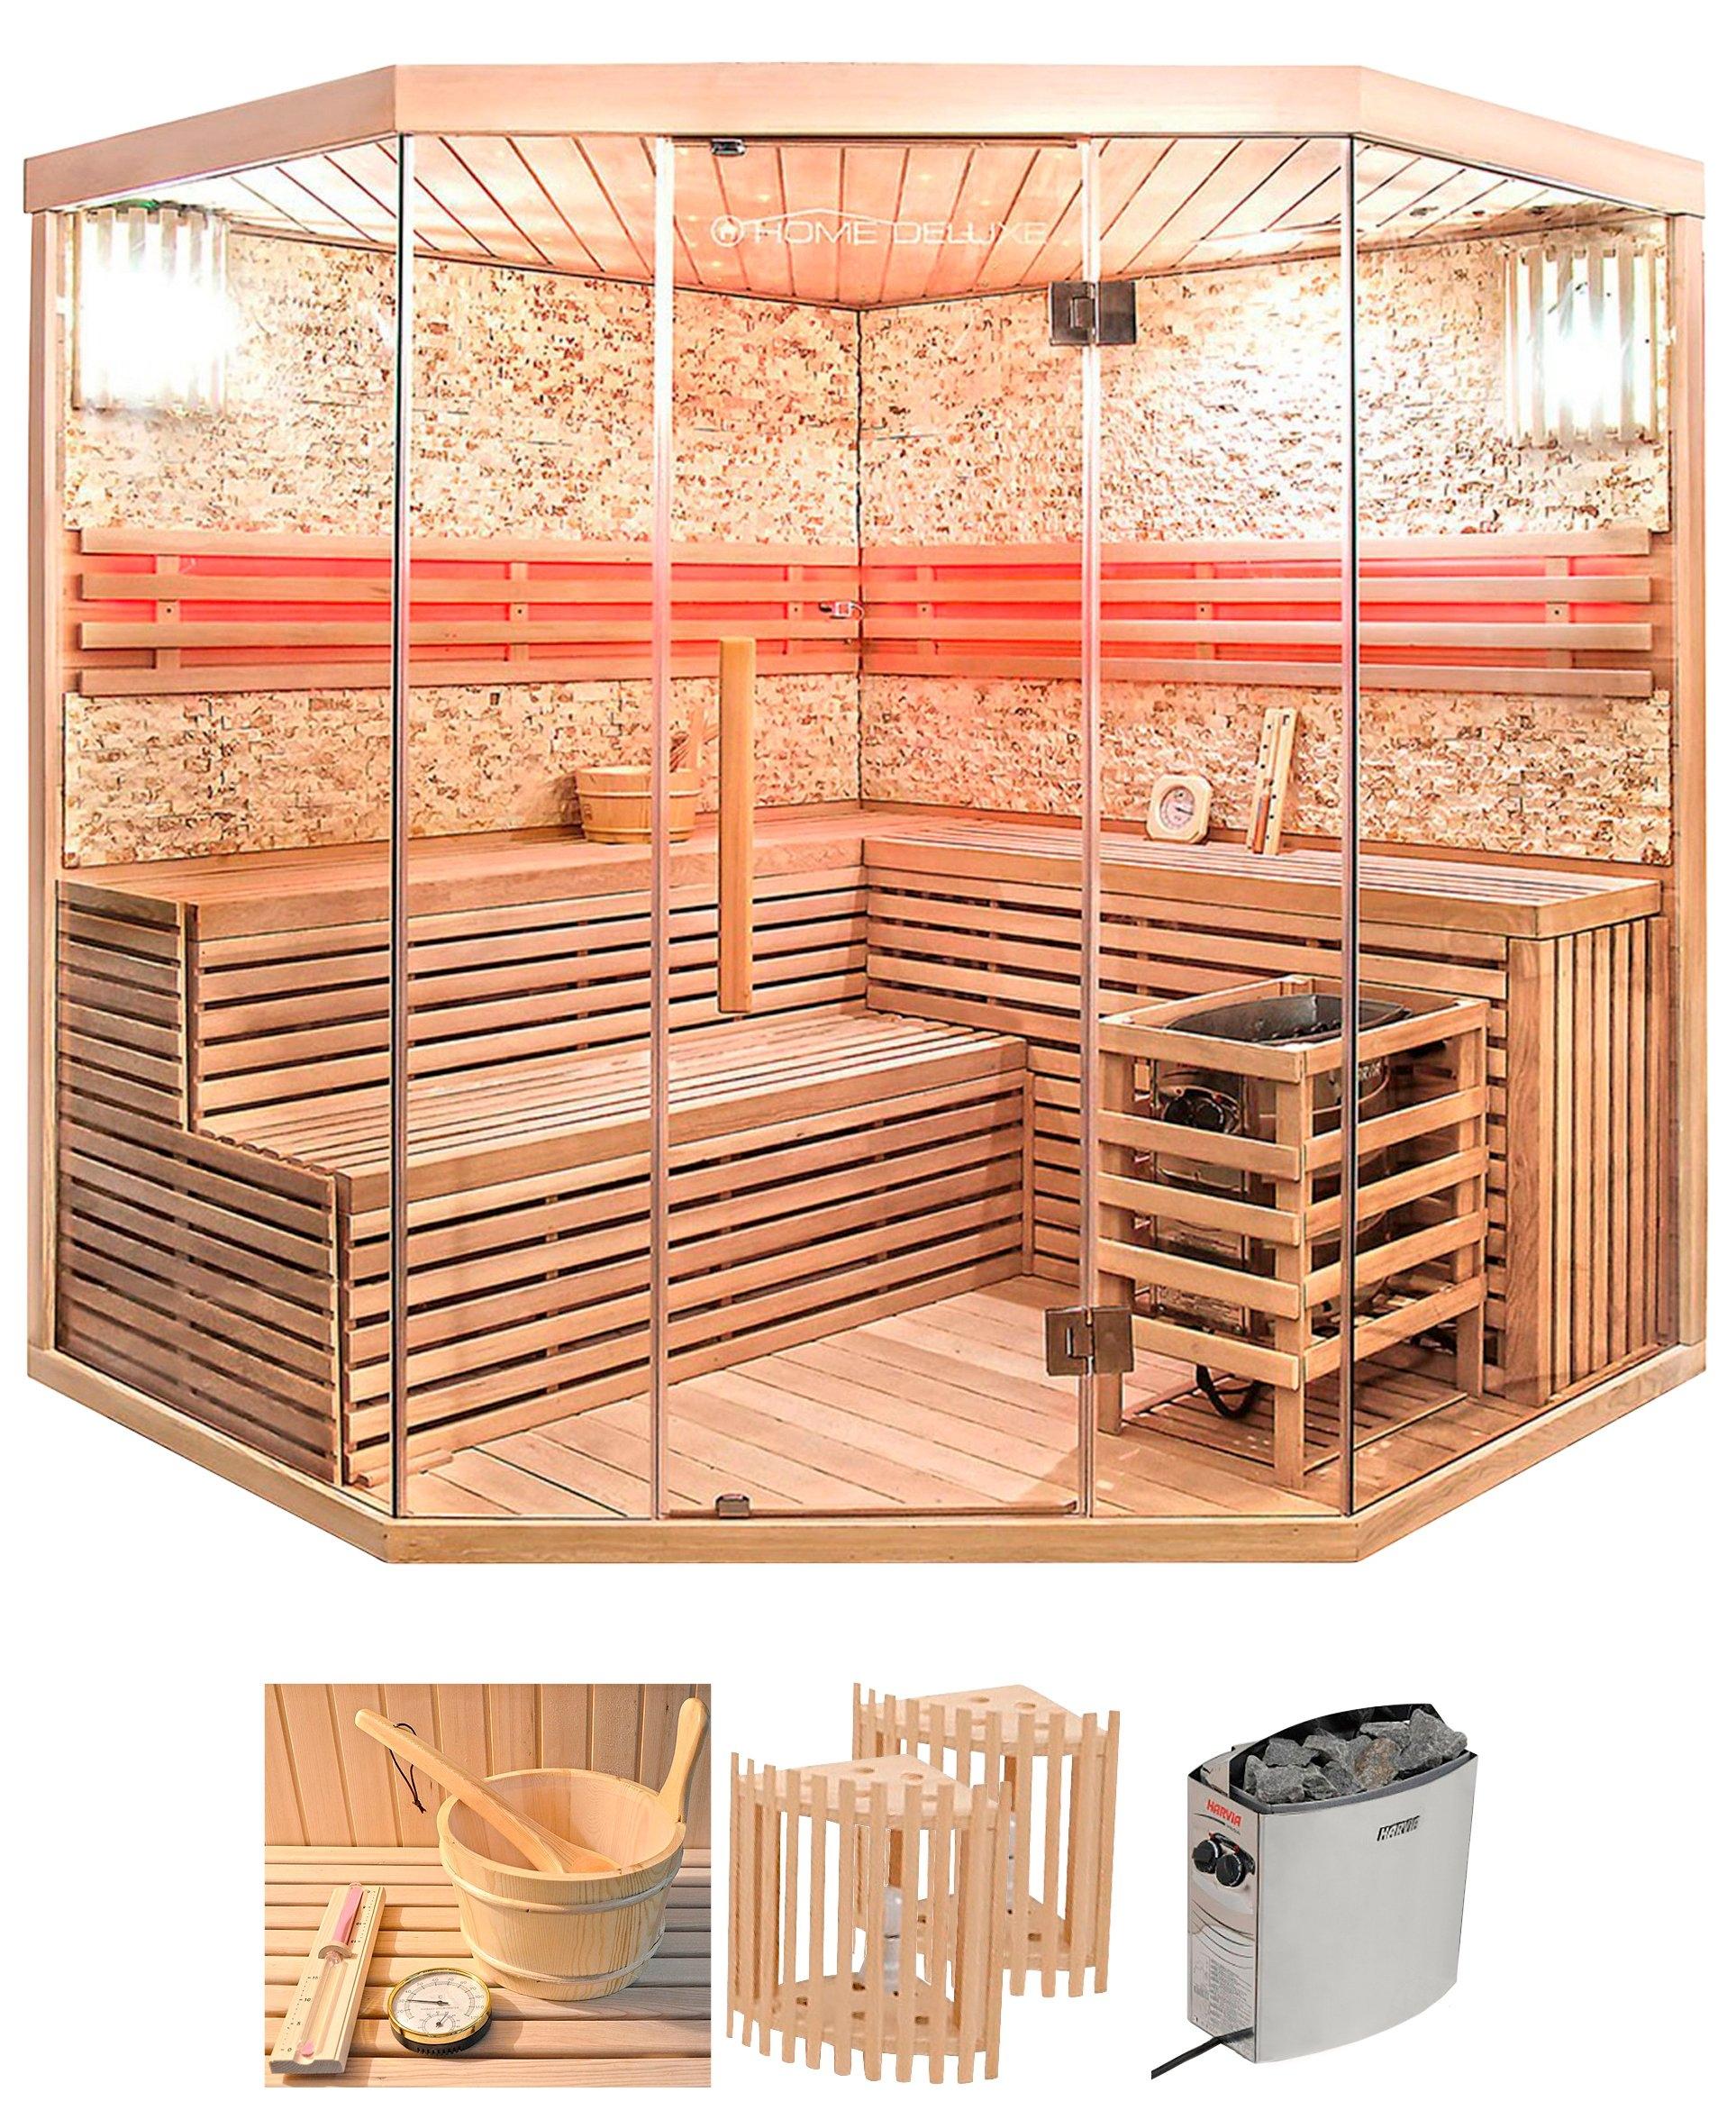 Op zoek naar een HOME DELUXE set: Sauna? Koop online bij OTTO